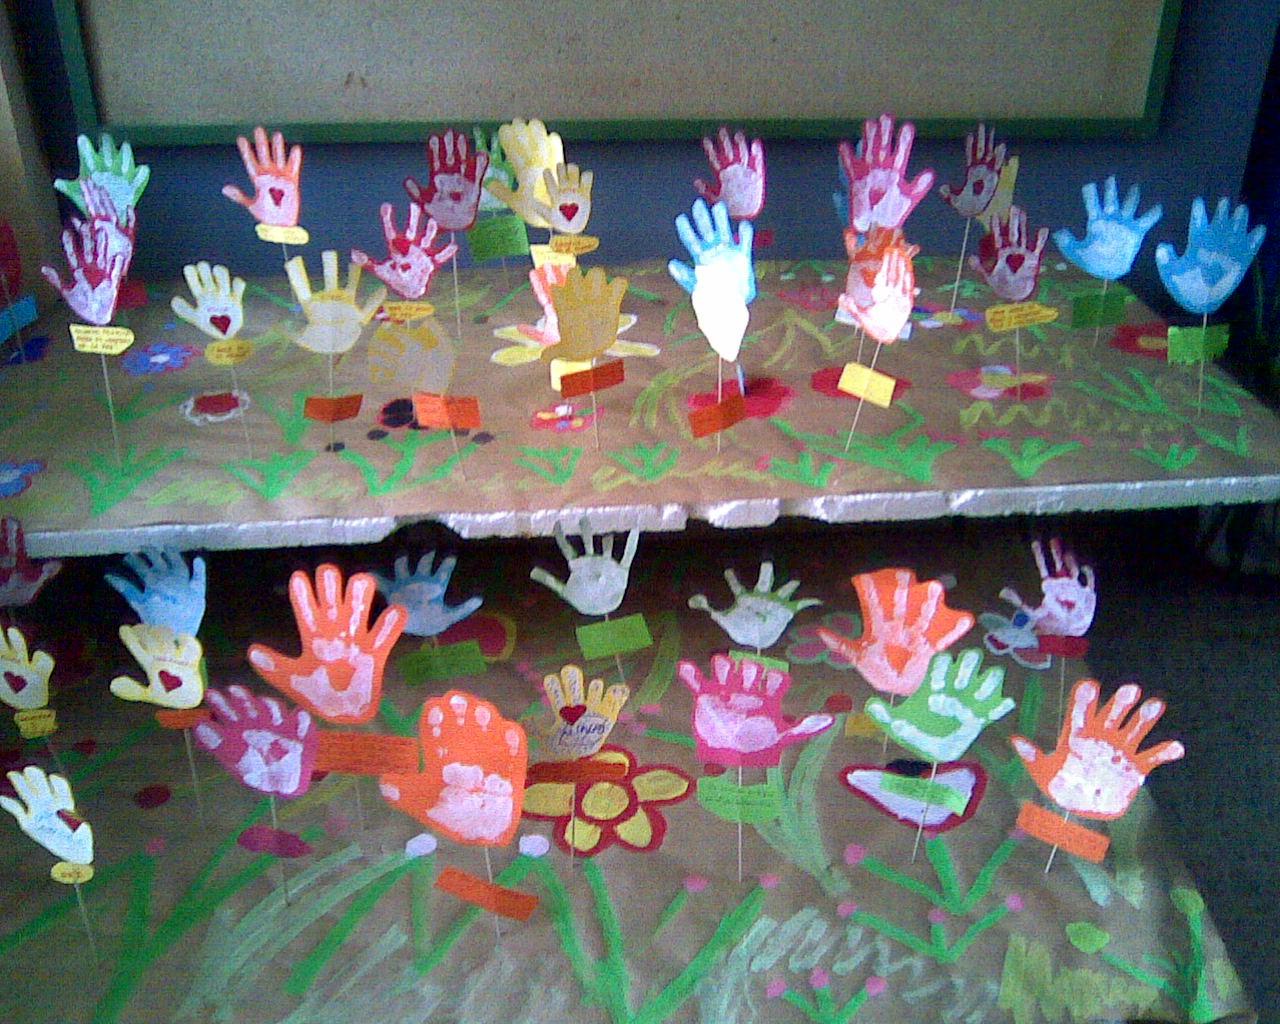 Hablalandia decoramos nuestra aula - Como decorar el salon en navidad ...